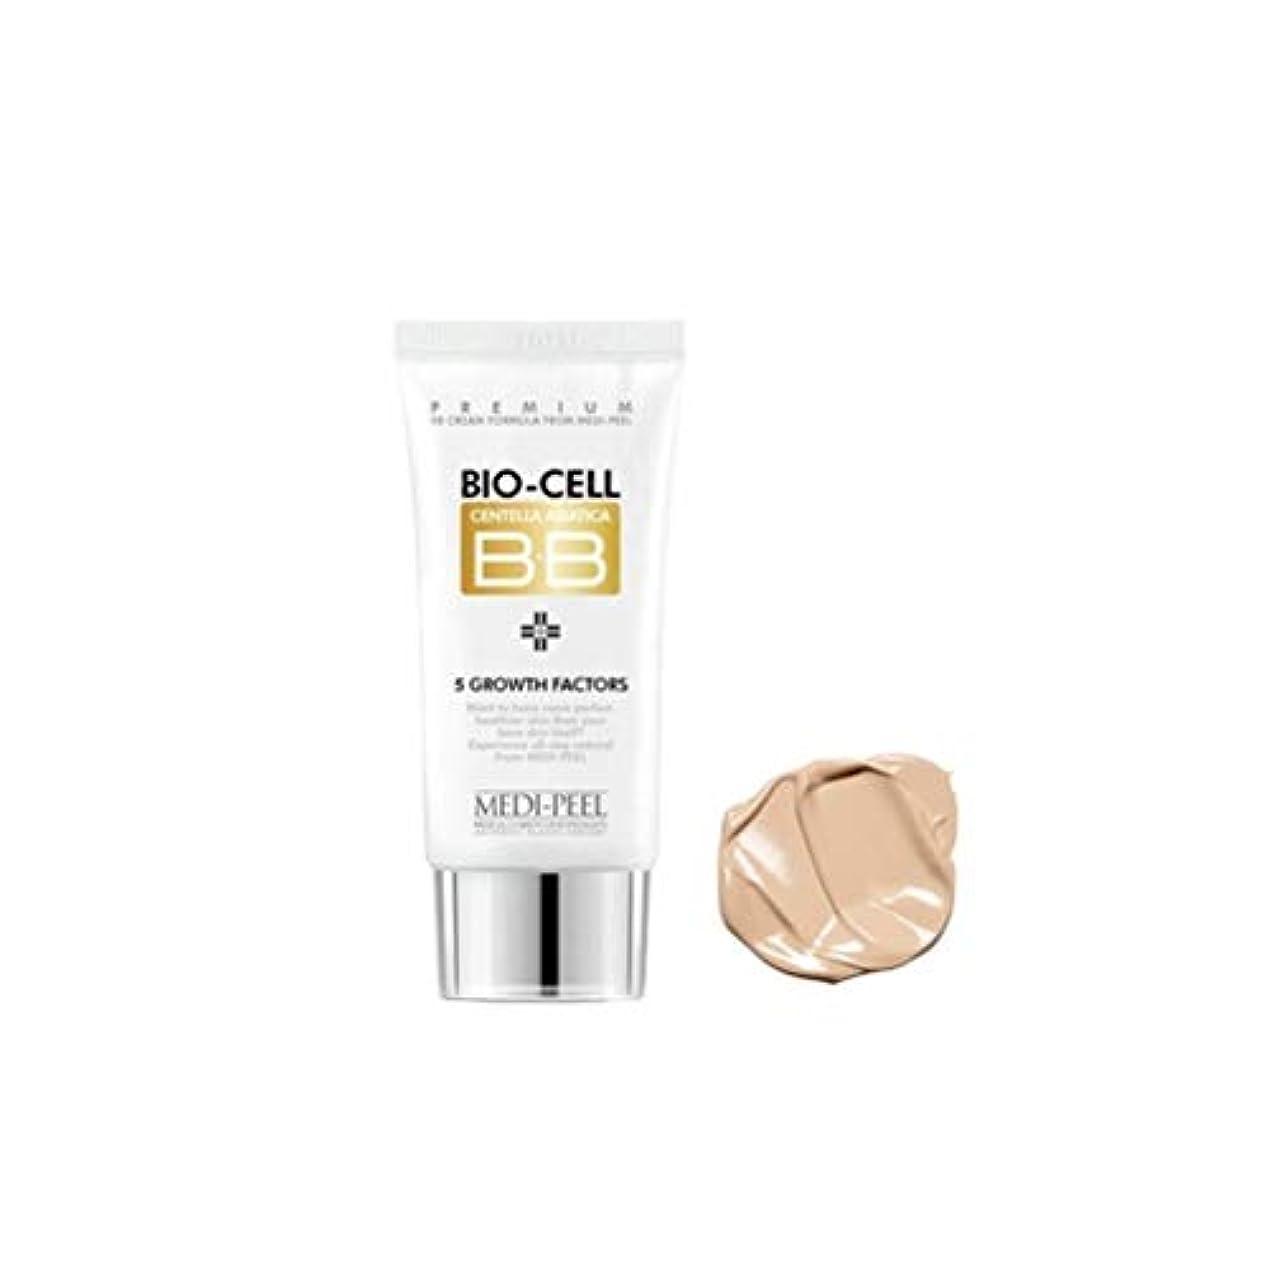 代替略奪定期的[Medi-Peel] メディピール バイオセル BBクリーム 50ml. [美.白?シワ.改善2重機能性化粧品] Medi-Peel Bio-cell BB Cream 50ml.